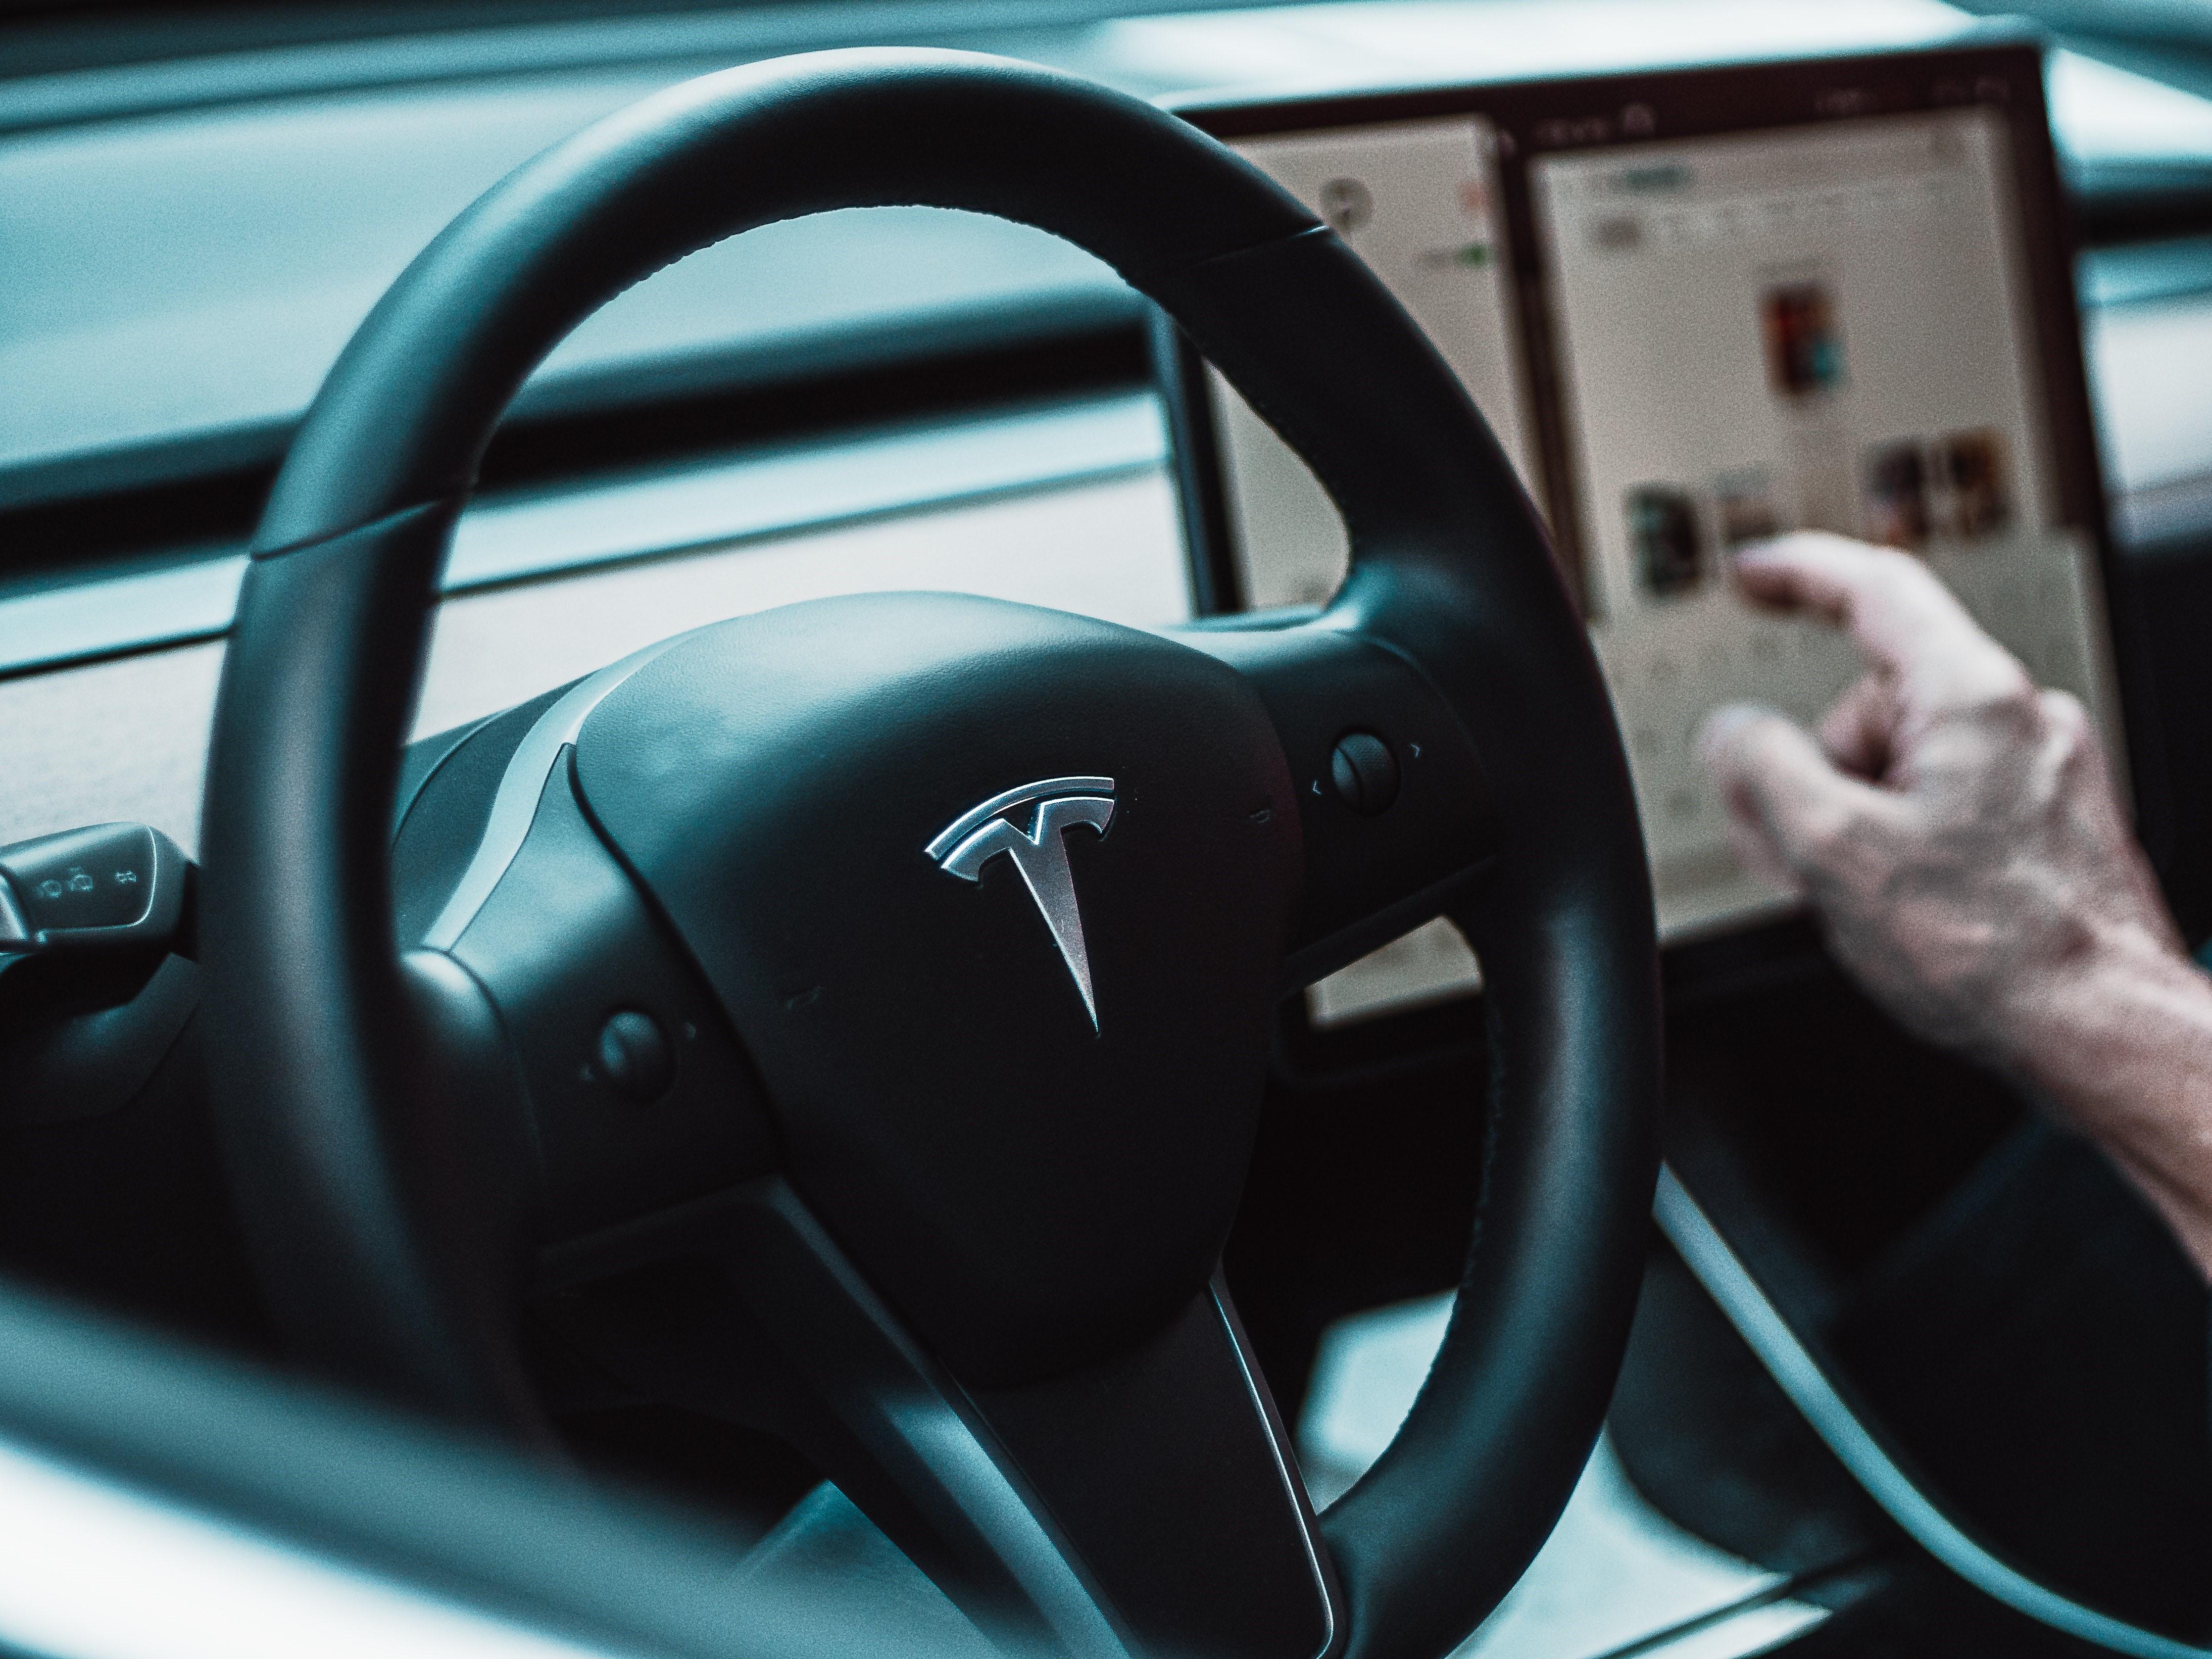 Tesla cockpit. Image credit: David von Diemar/unsplash